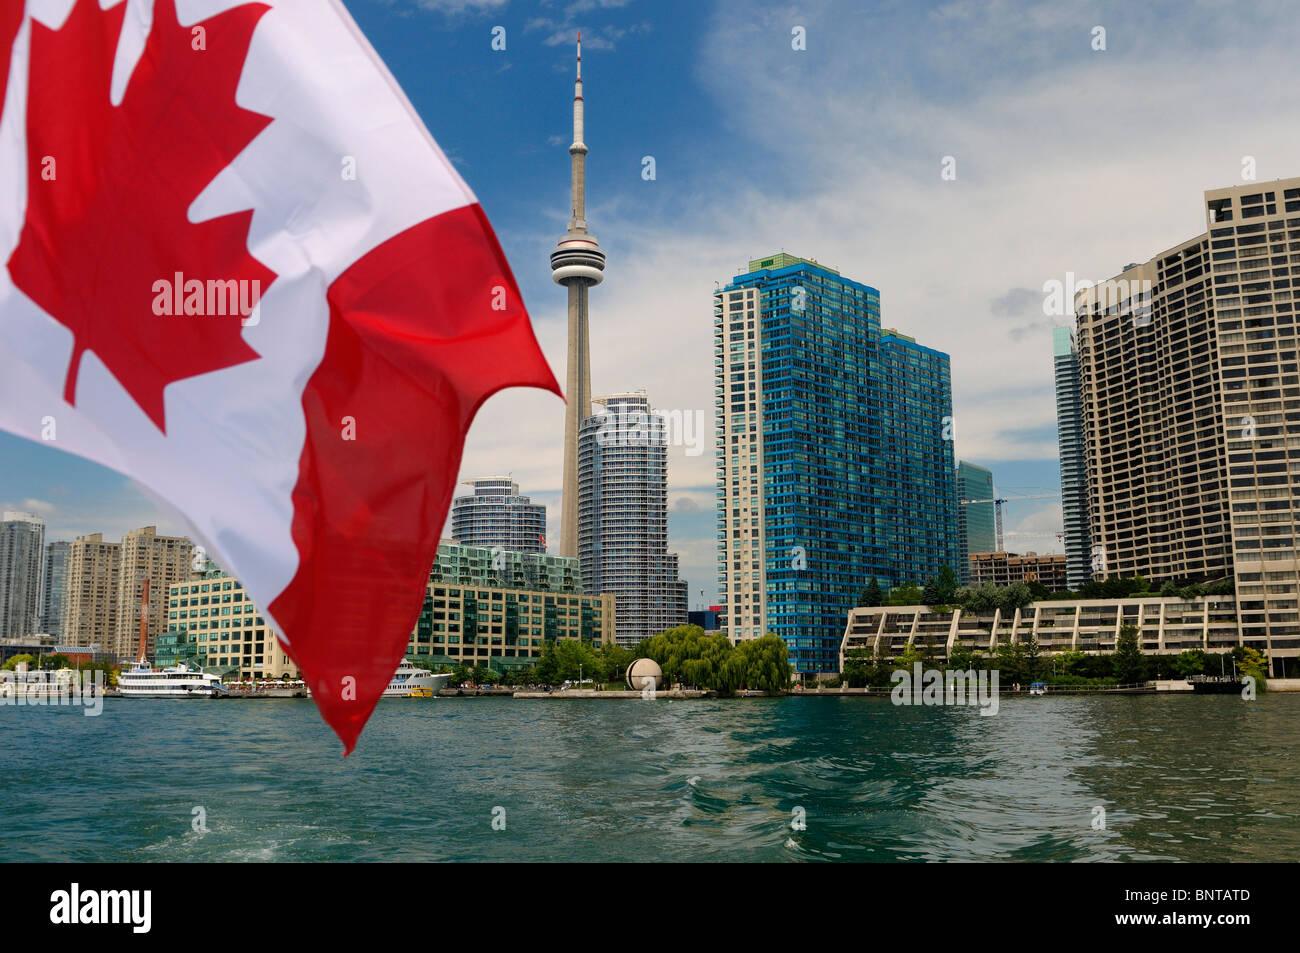 Bandiera canadese sulla barca lasciando sullo skyline di Toronto e porto sul lago Ontario Immagini Stock